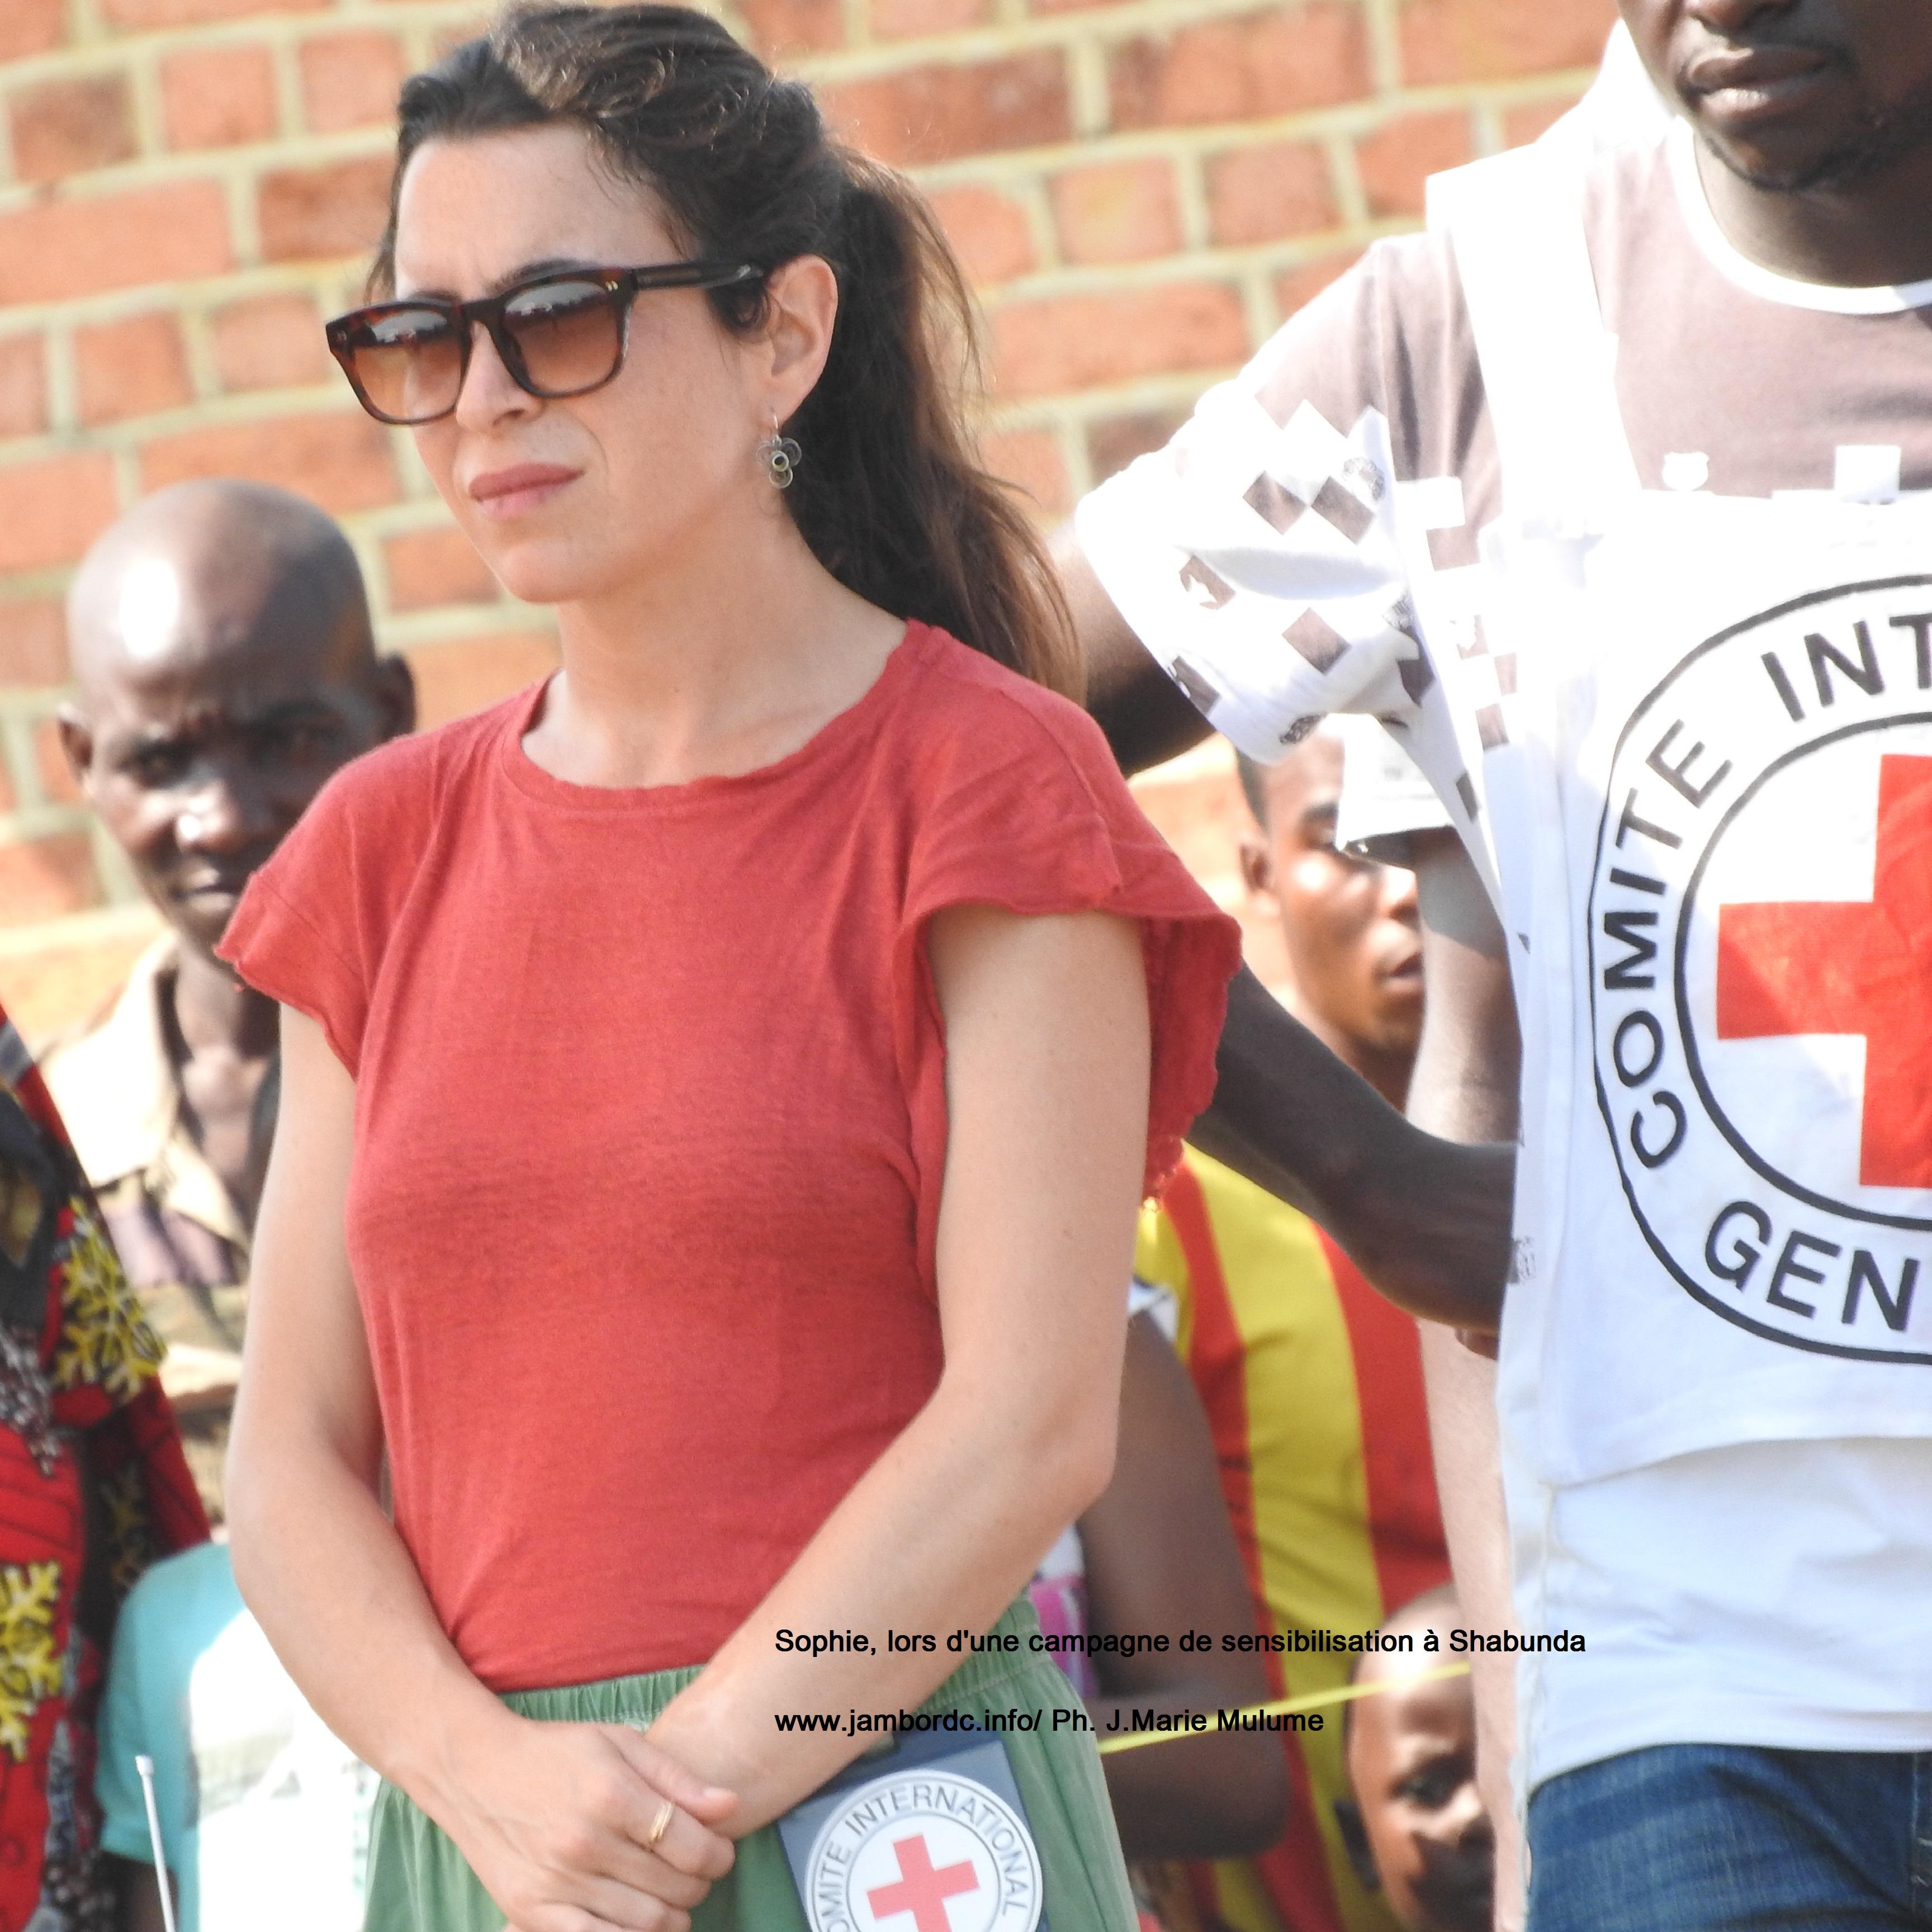 Sophie (CICR) : « Nous espérons avoir brisé les barrières culturelles qui stigmatisent les victimes et les empêchent d'accéder aux soins »